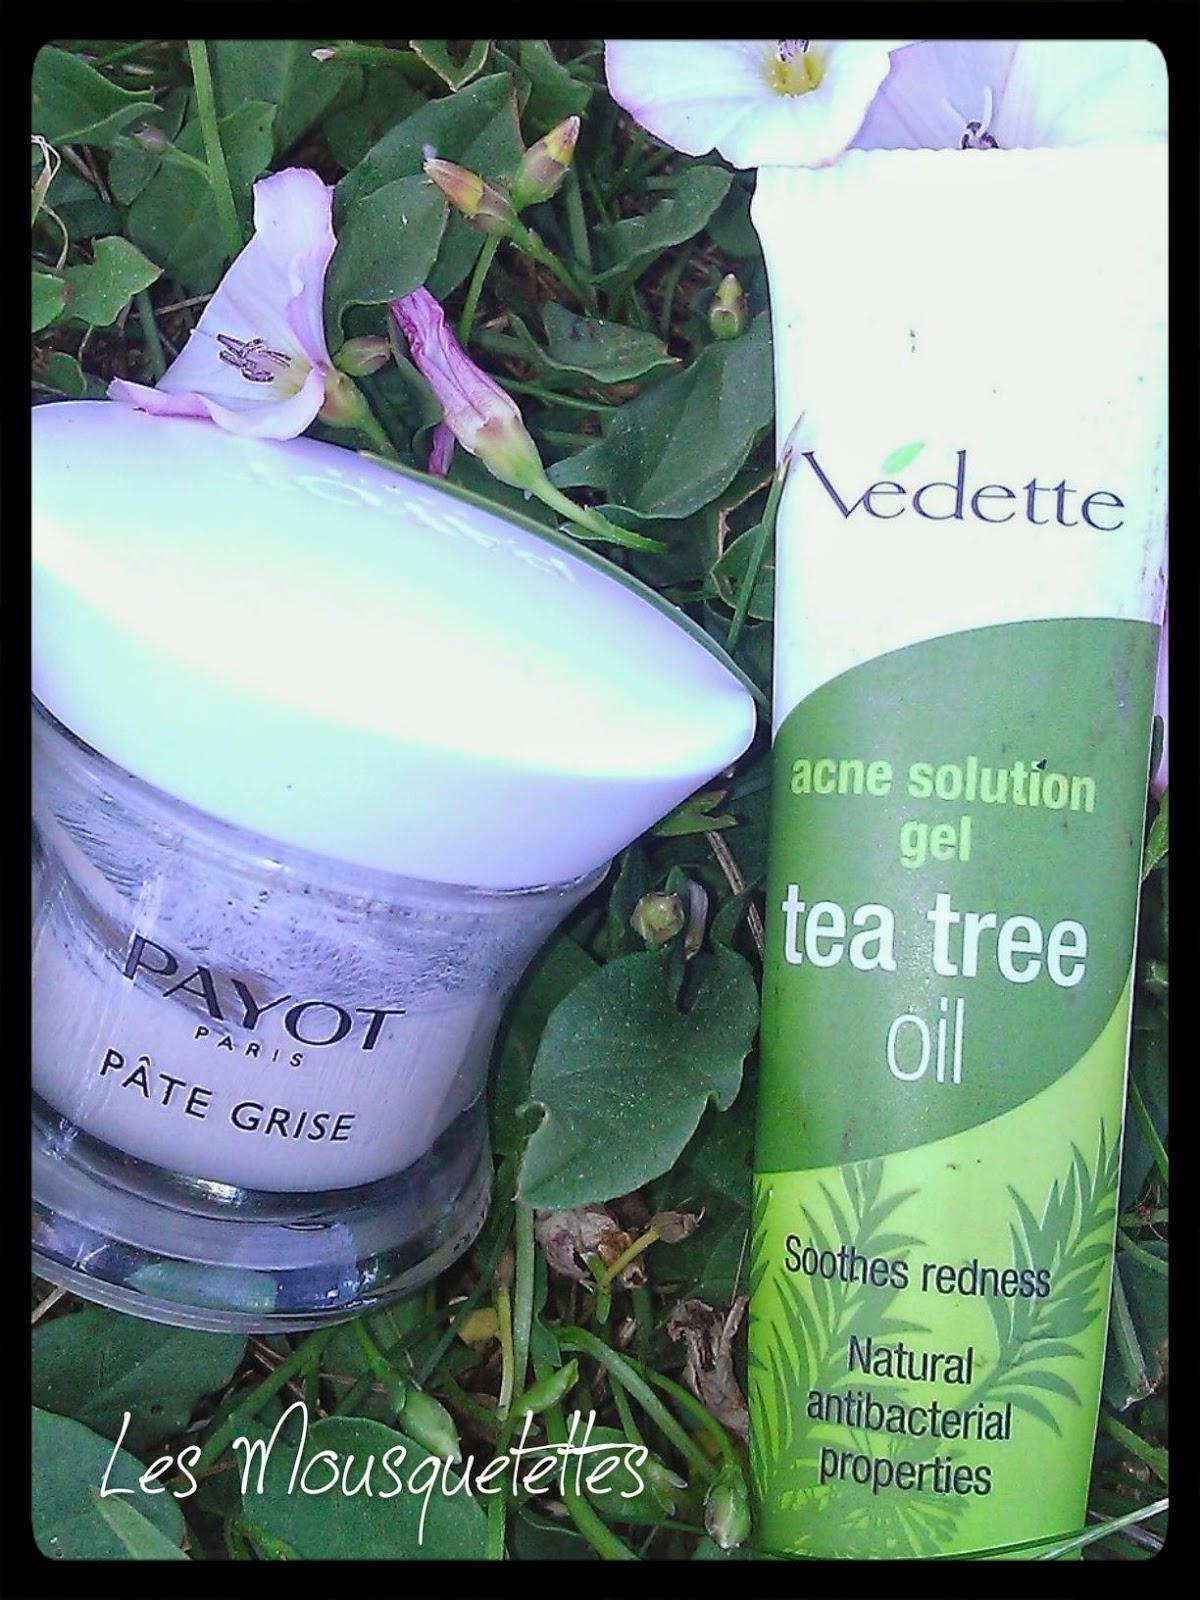 Pâte Grise Payot VS Tea Tree Oil Vedette - Les Mousquetettes©